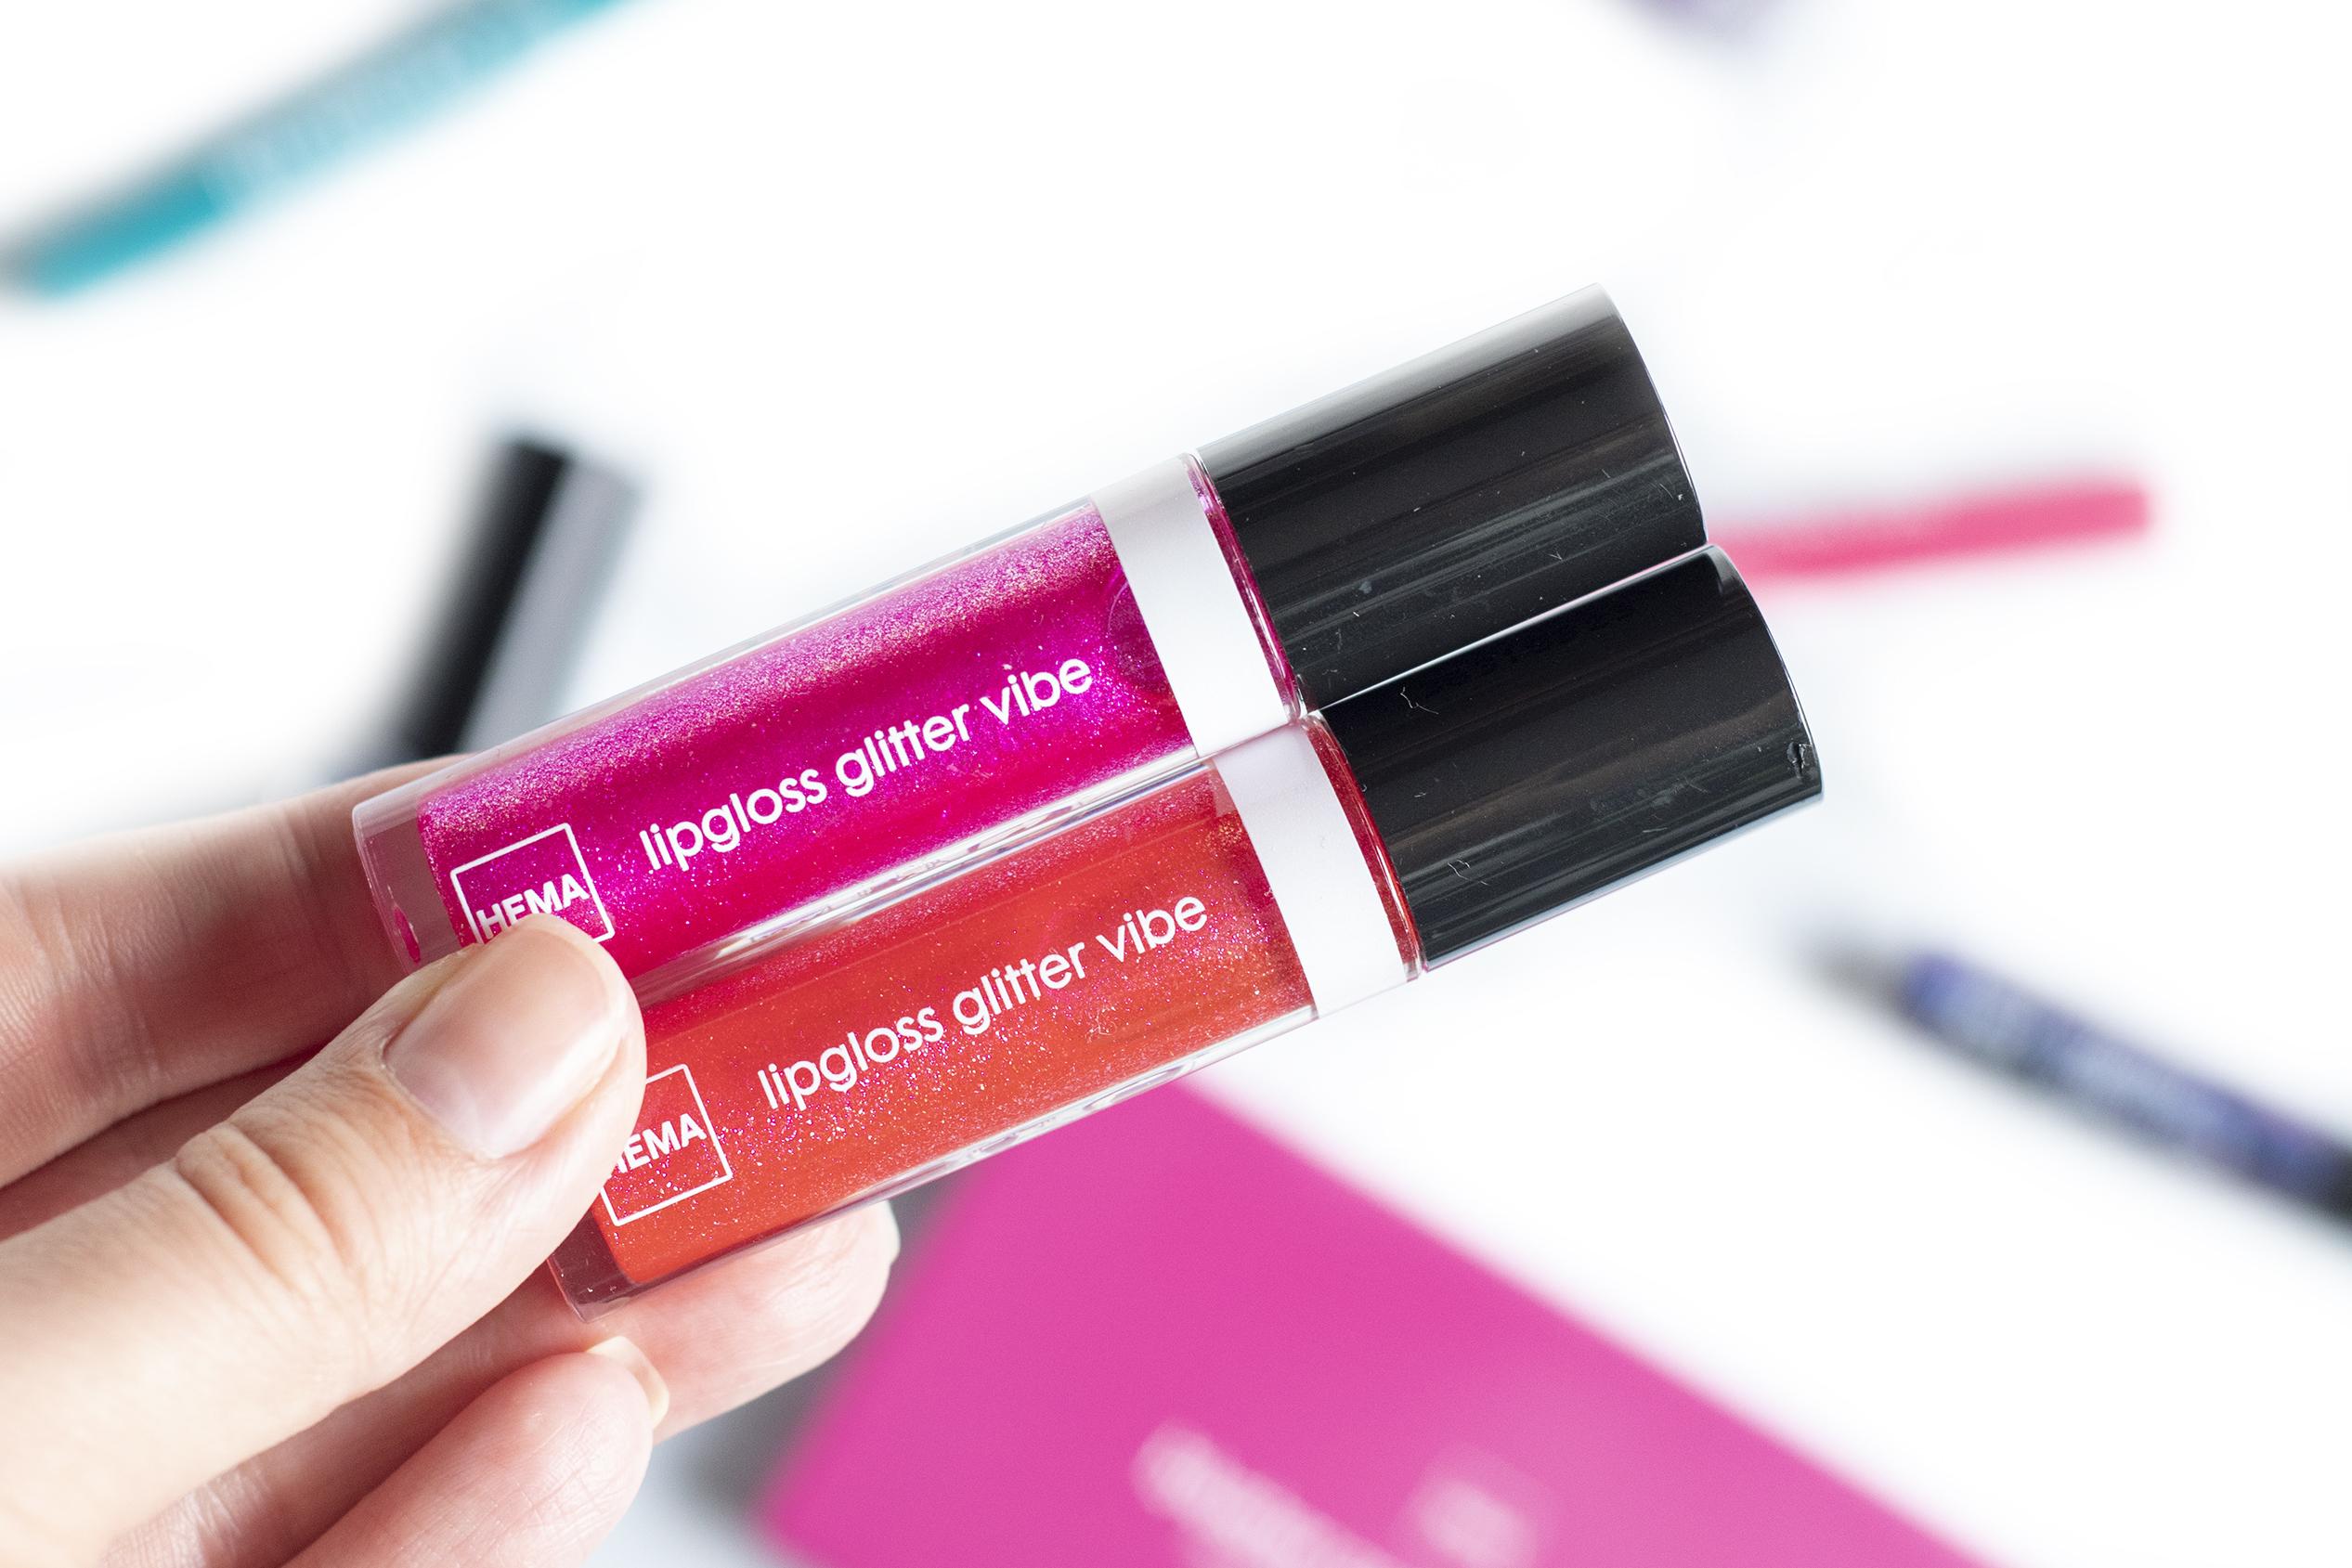 hema festival collectie lipgloss